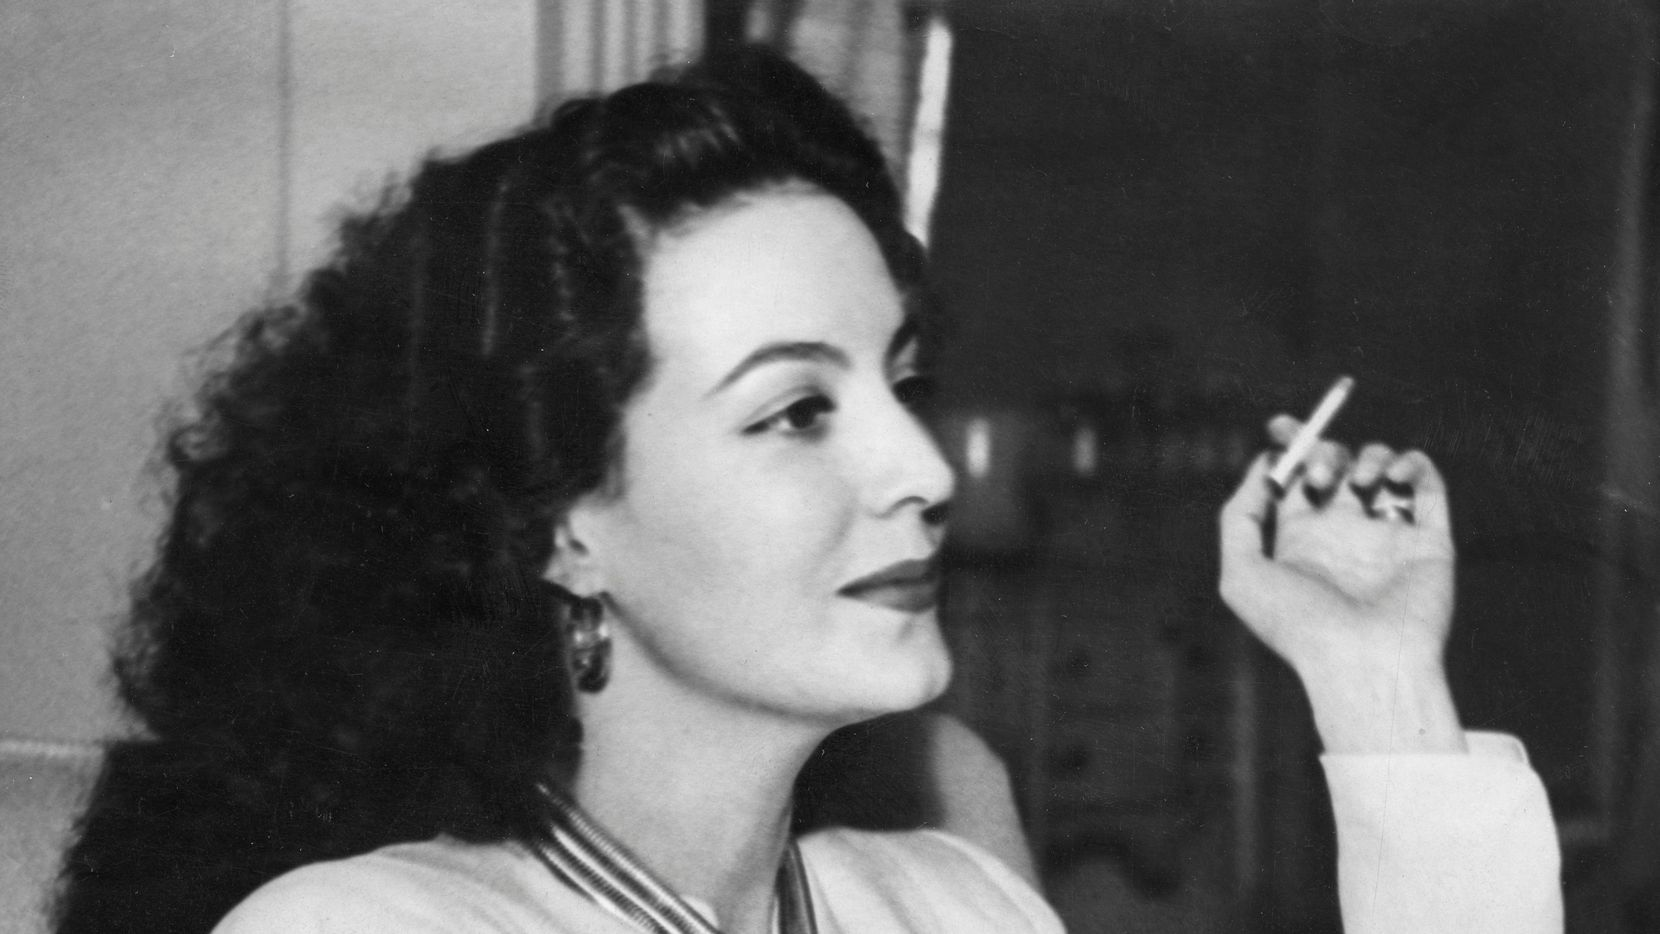 La actriz y cantante mexicana María Félix hubiese cumplido 107 años este 8 de abril de 2021.